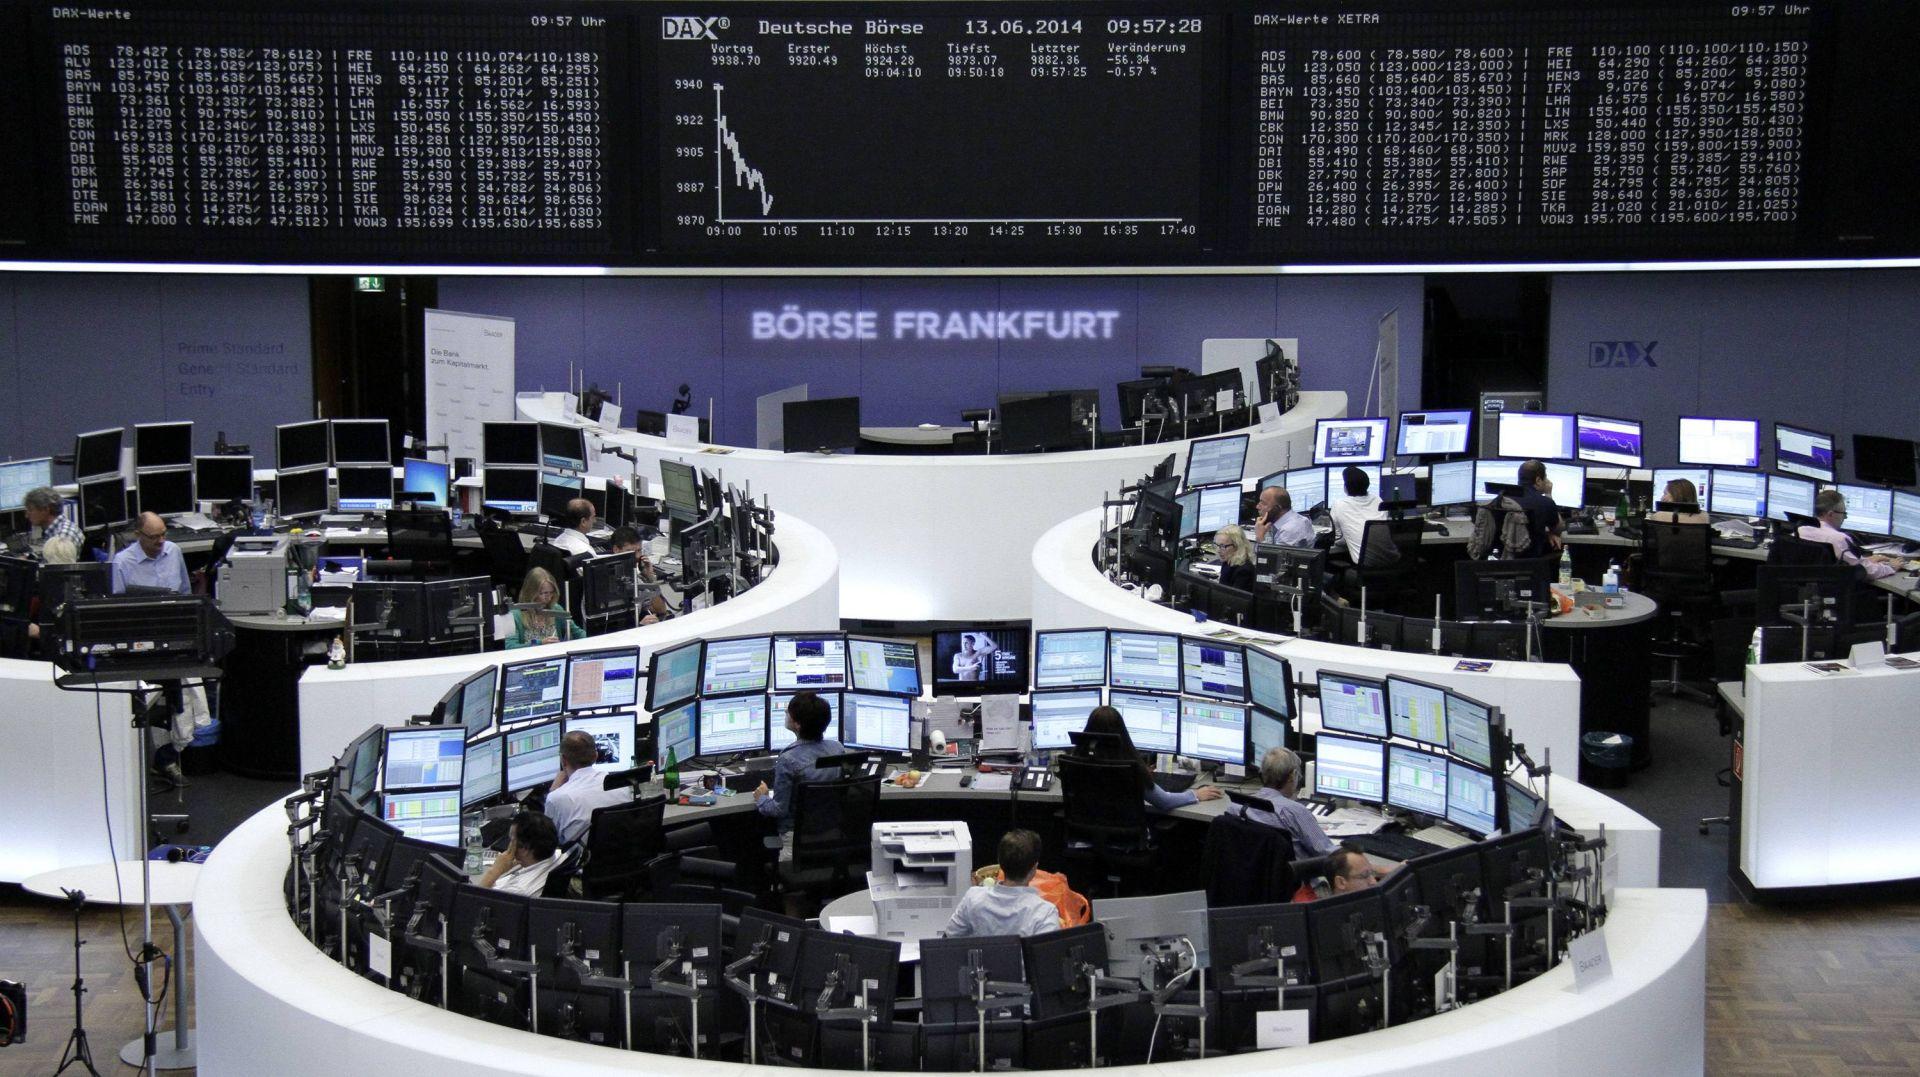 غموض تصريحات الفيدرالي تتسبب في انخفاض الأسهم الأوروبية